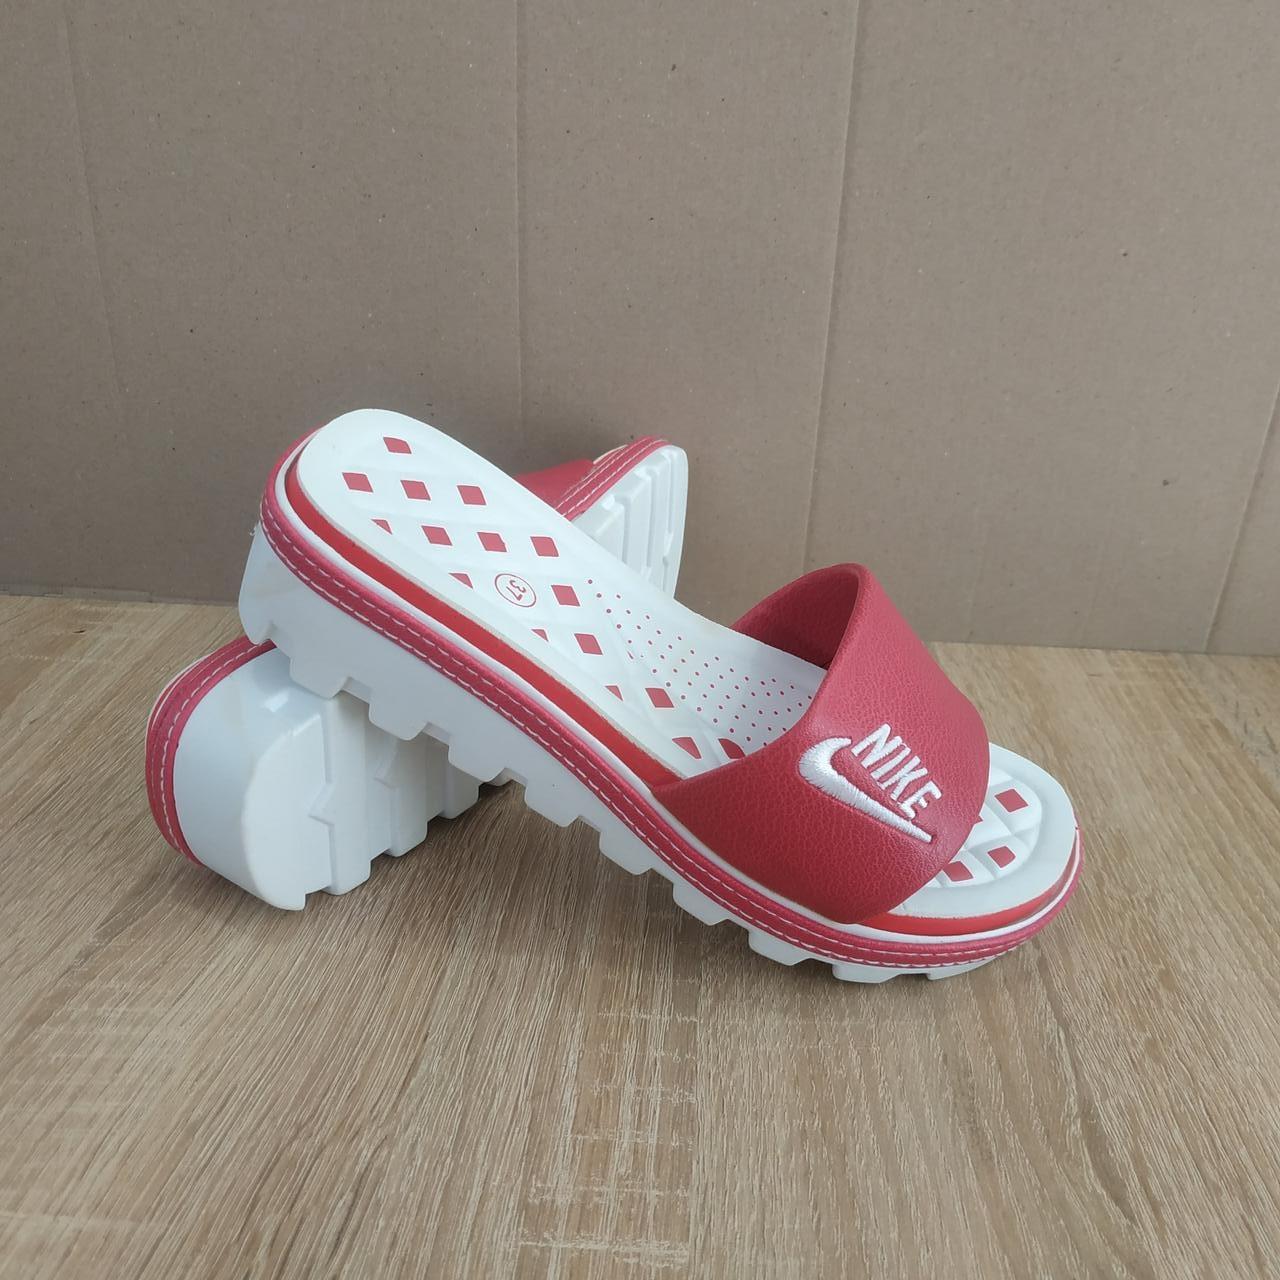 Розпродаж! 37 розмір Шльопанці Nike рожеві шльопанці на танкетці на тракторній підошві взуття на підборах